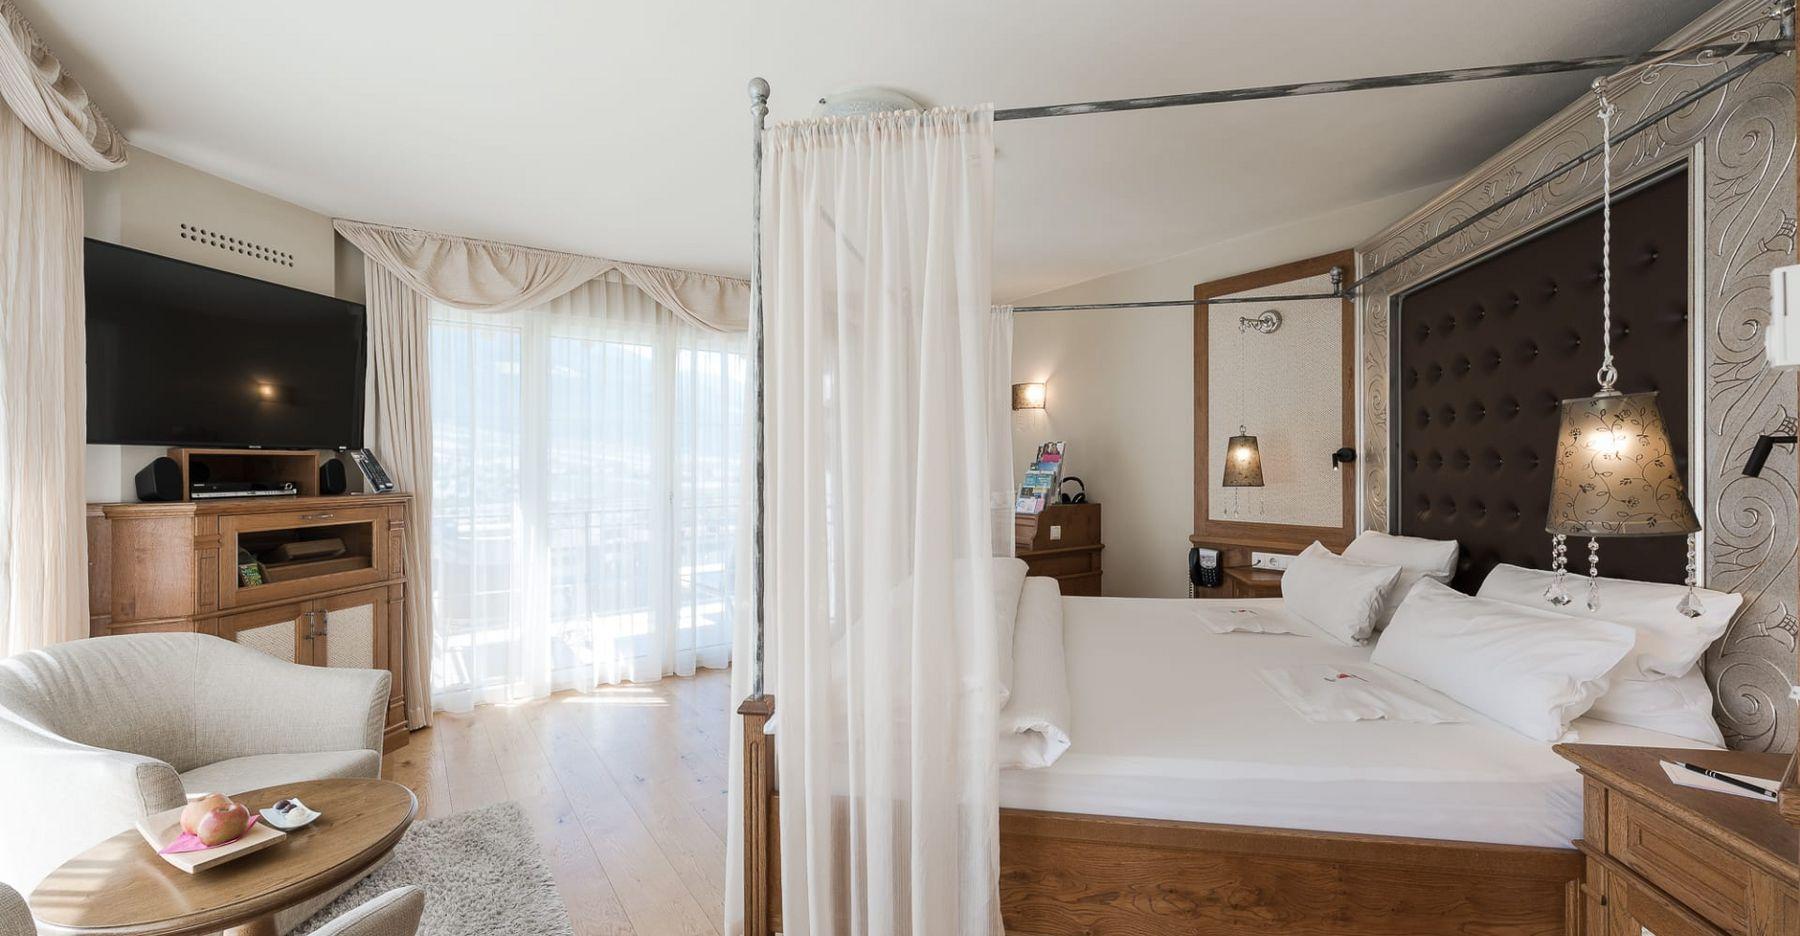 Romantic Dream Suite Malve